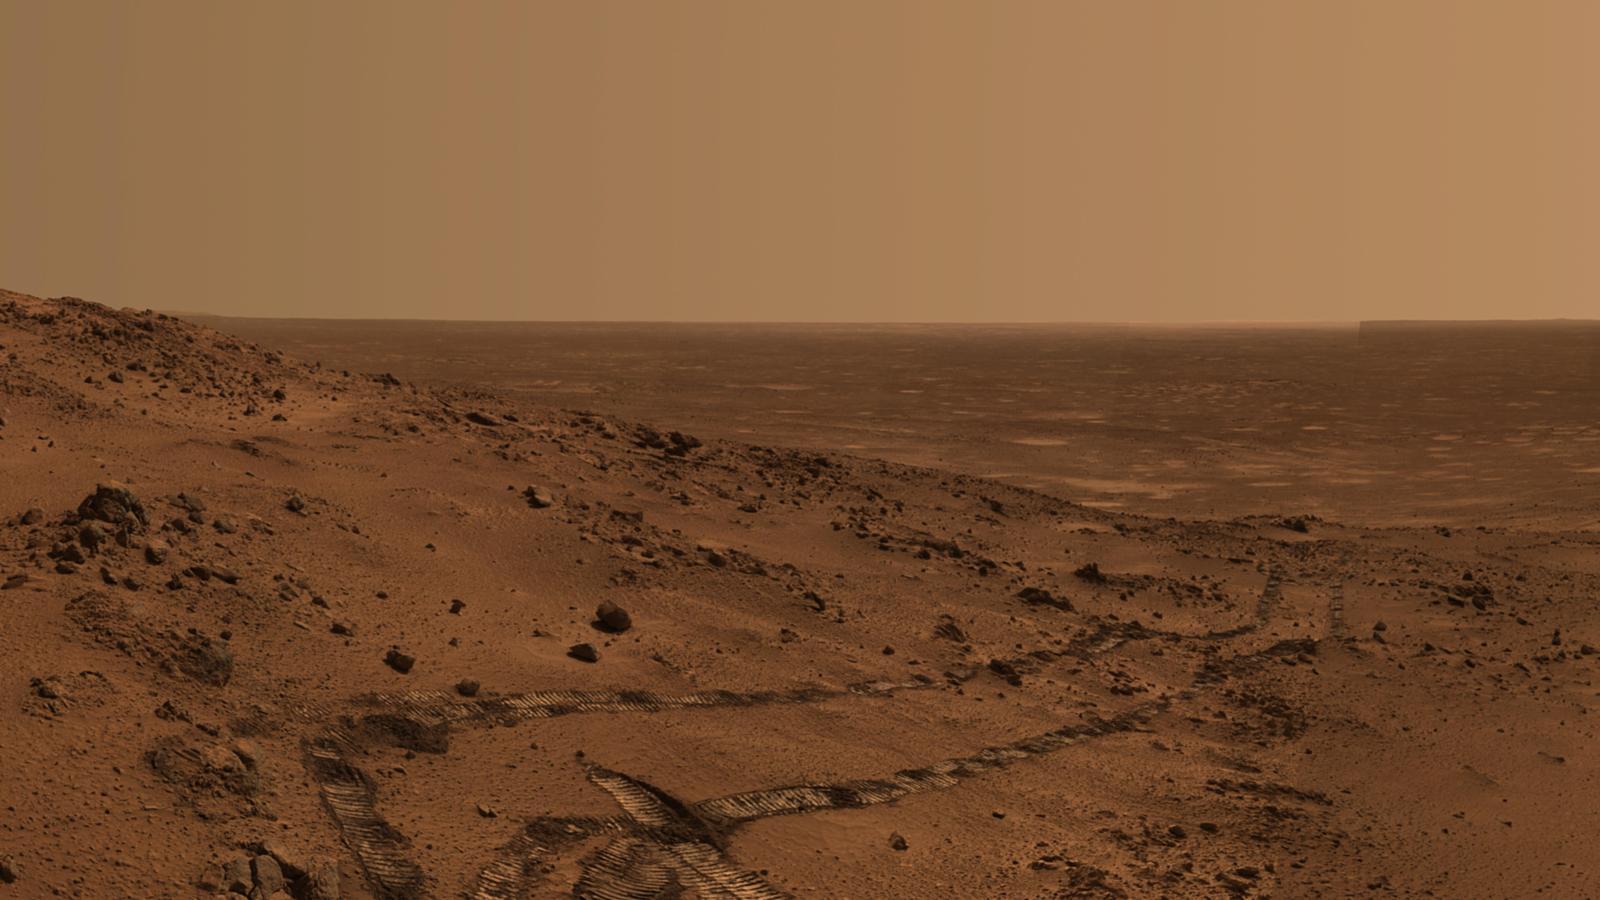 تصویری از سطح سیاره ی مریخ